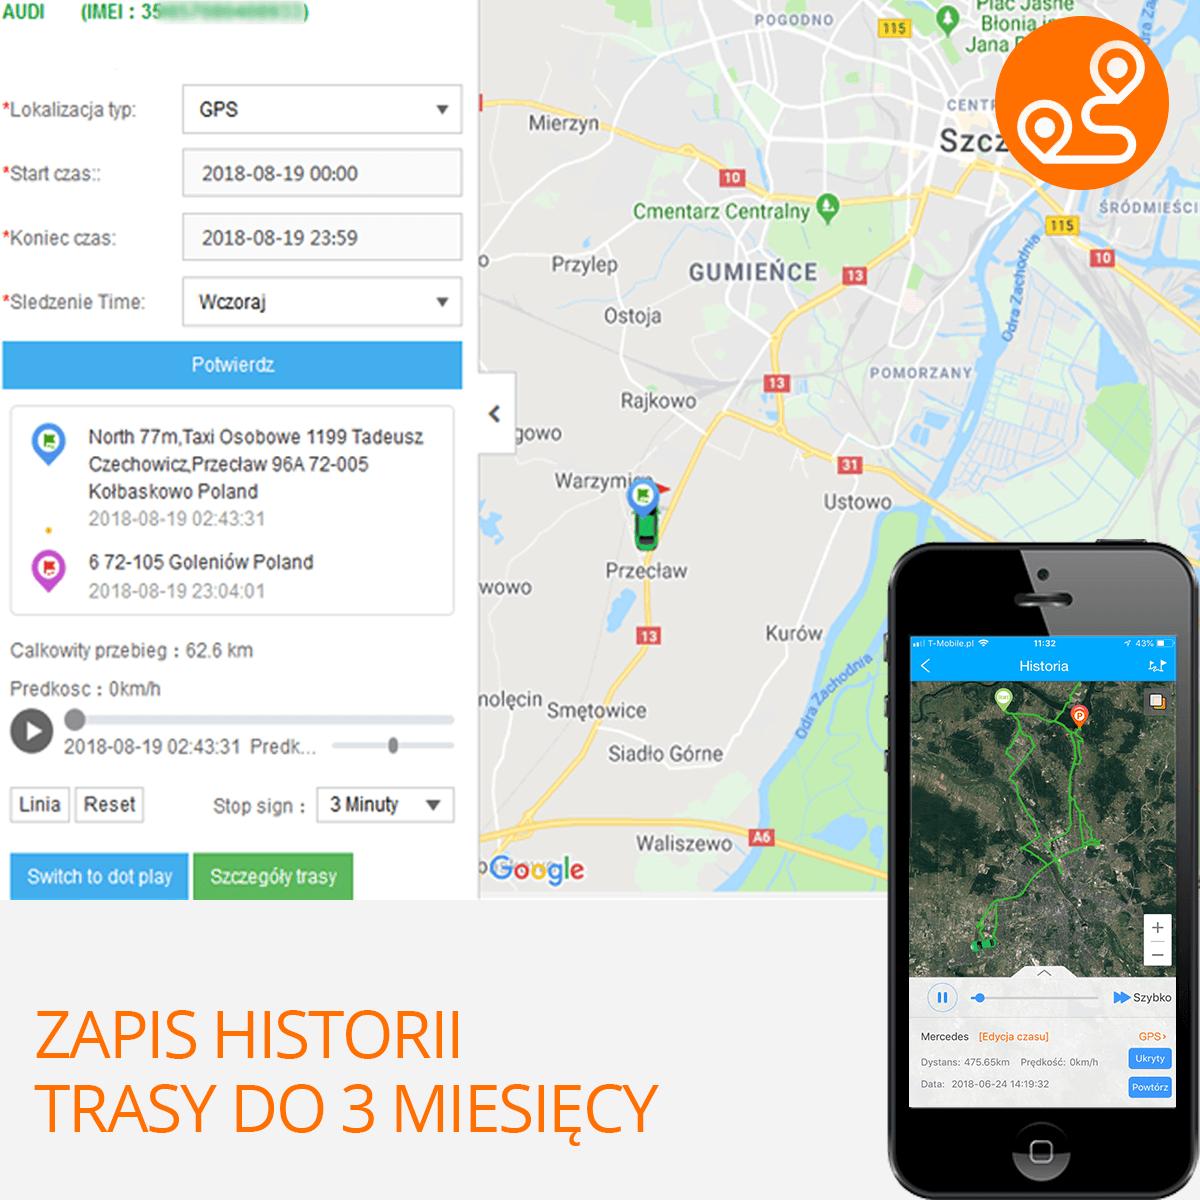 historia lokalizacji jak sprawdzić orllo.pl